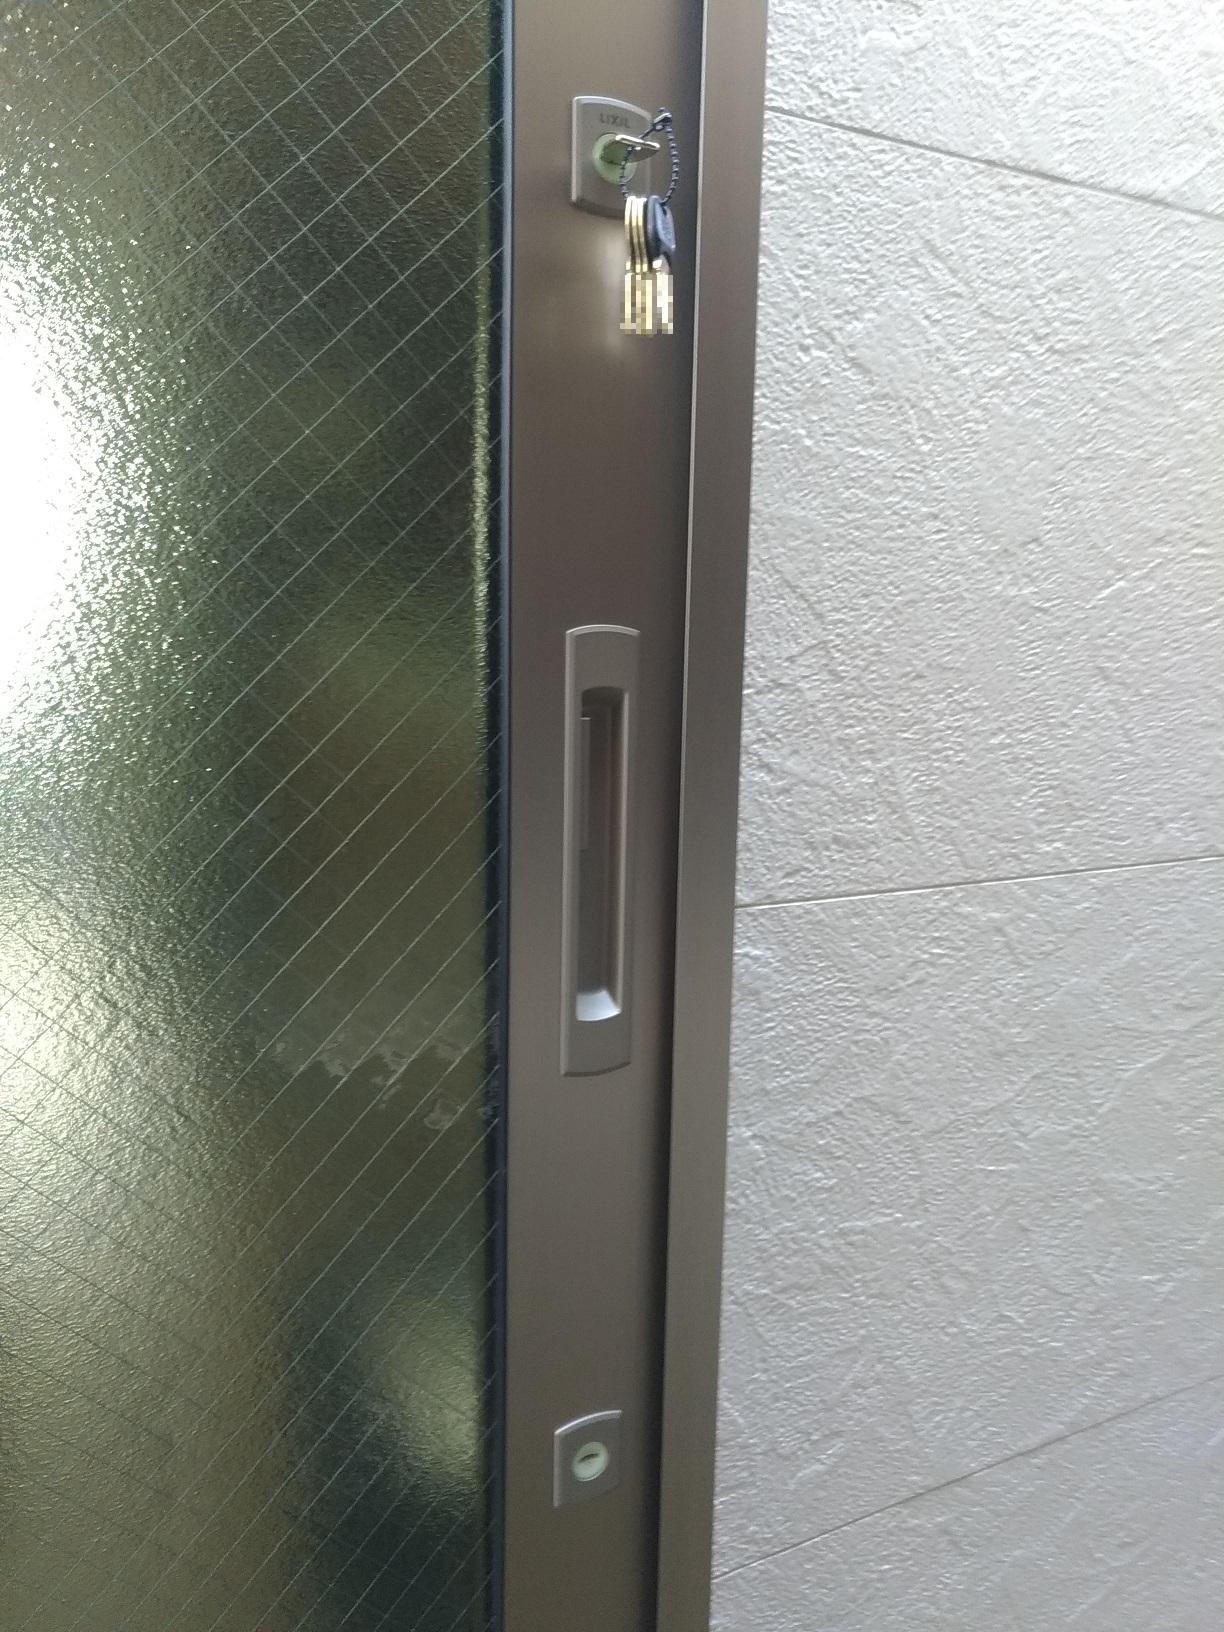 シリンダーはホコリの侵入を防ぐシャッターとすり鉢状の蓄光プラスチック付き。この裏側がサムターンになっています。